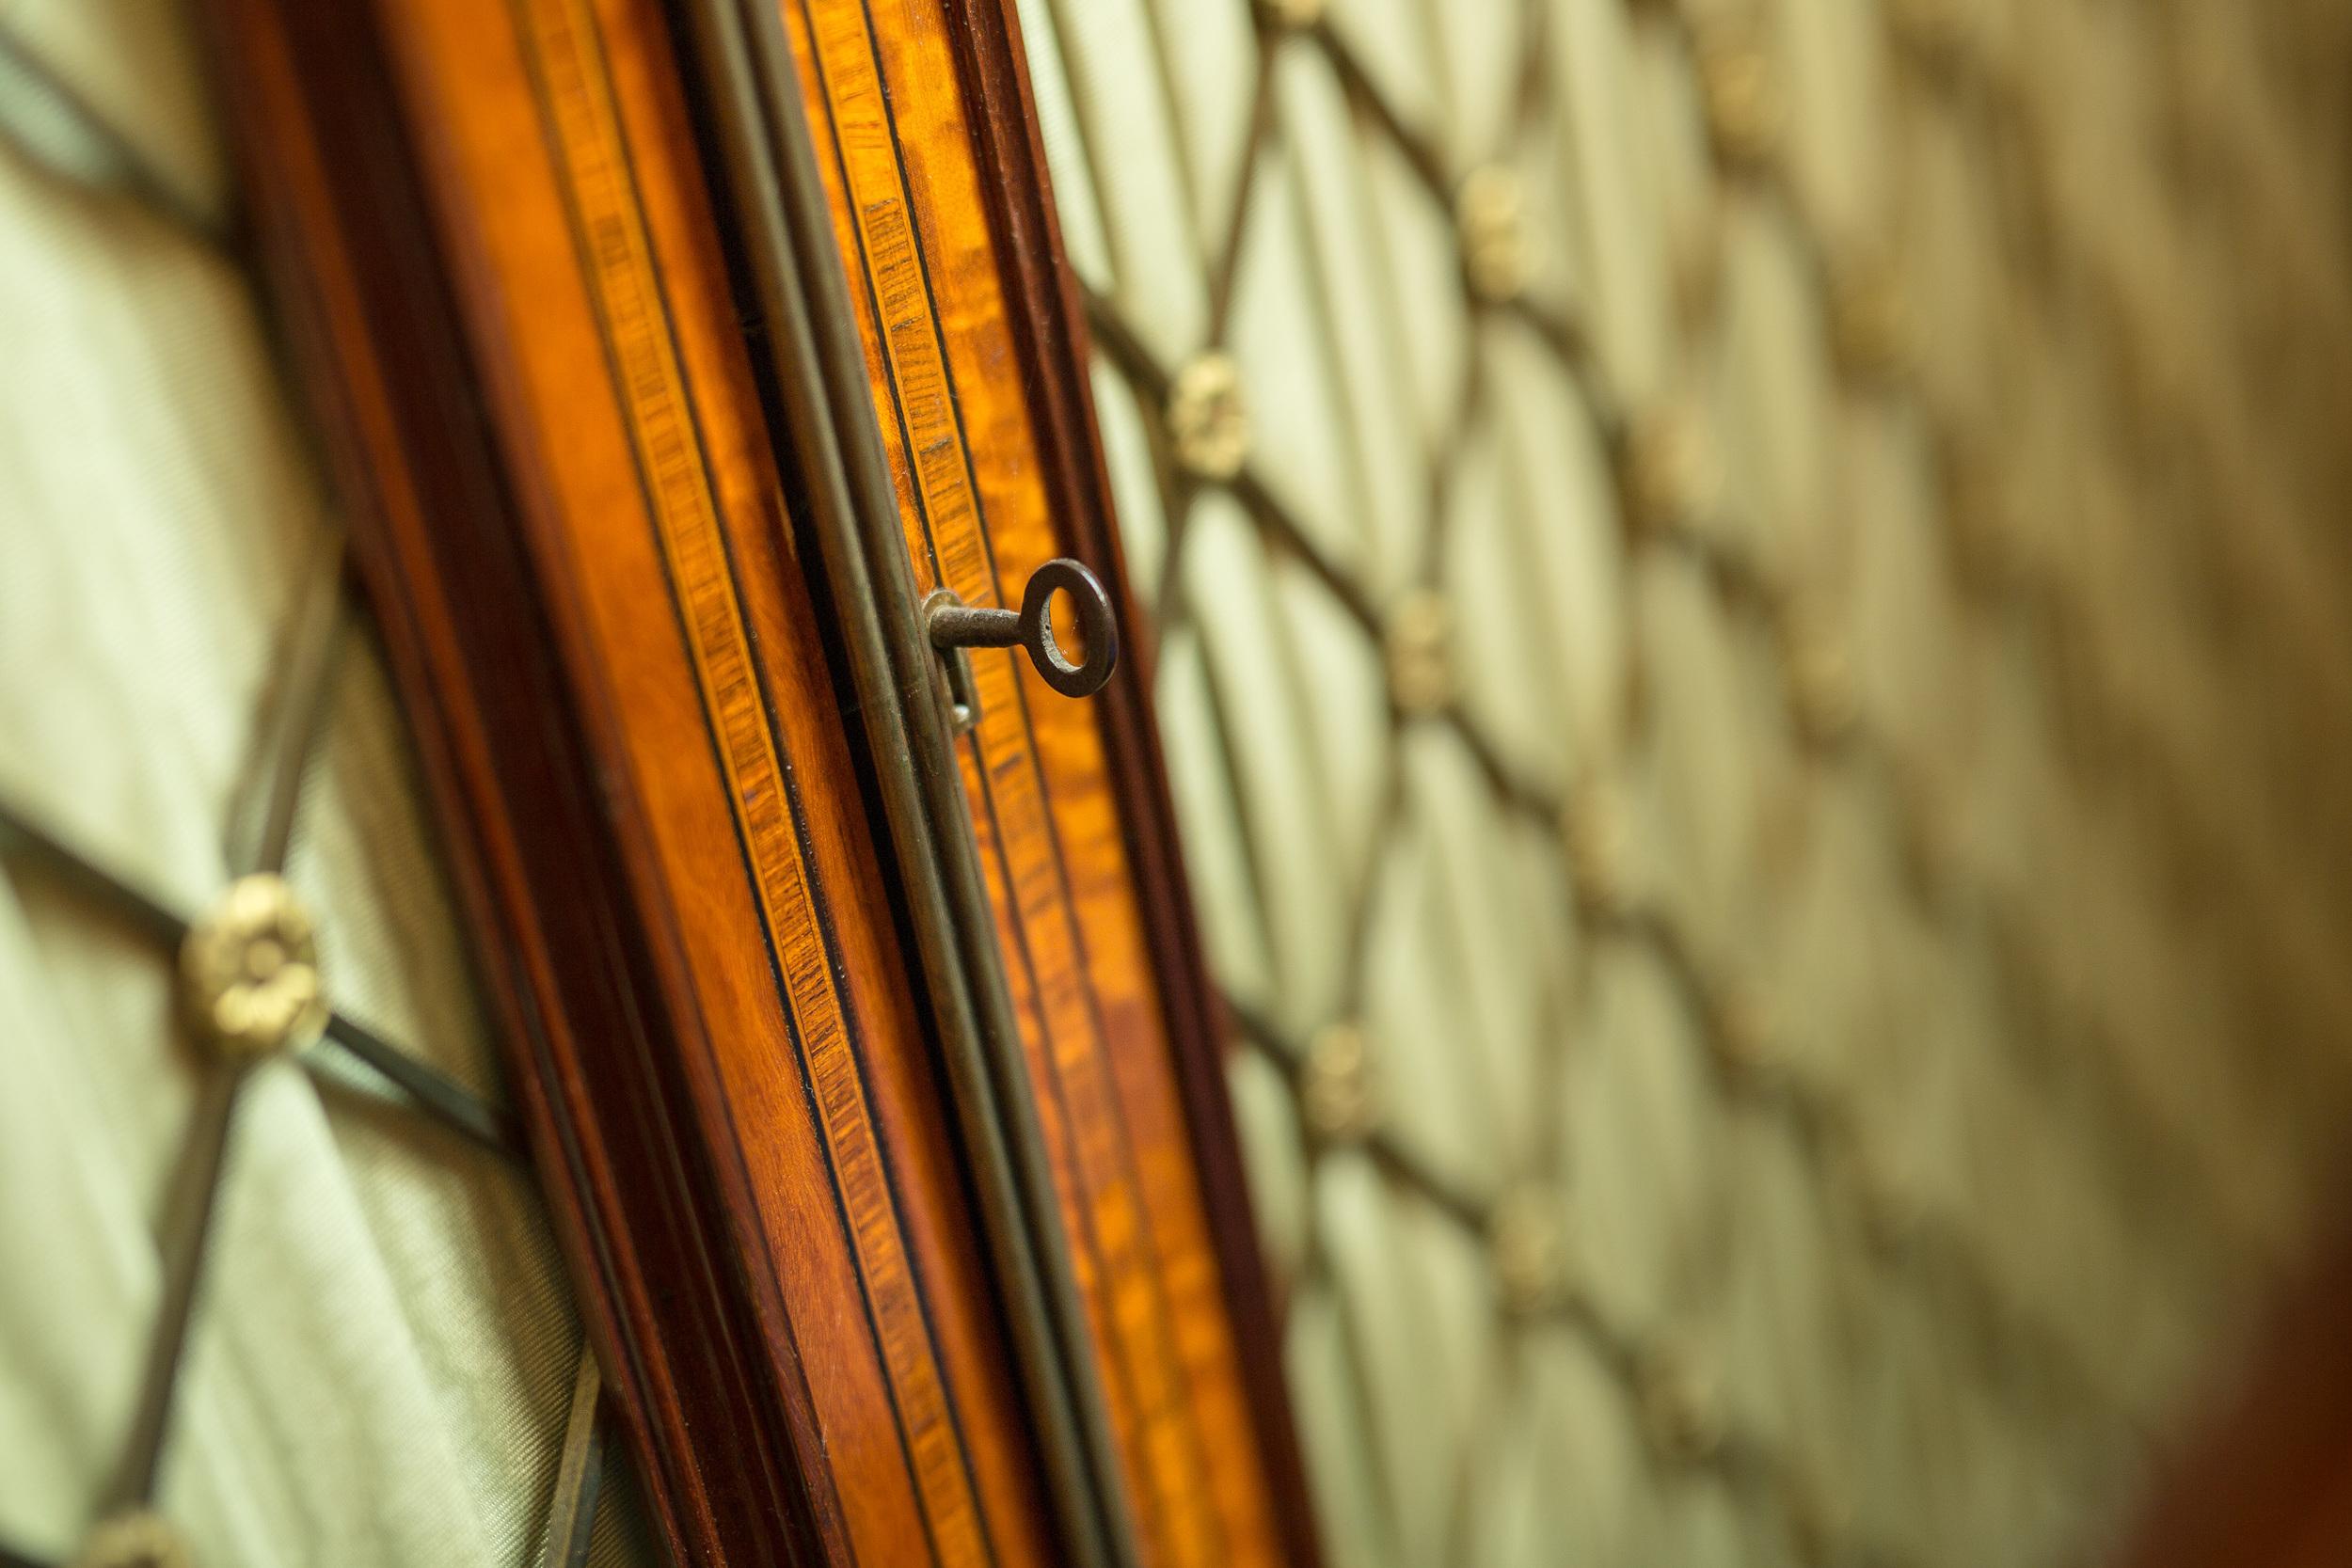 EWCousins_HalfSizePhoto-55.jpg